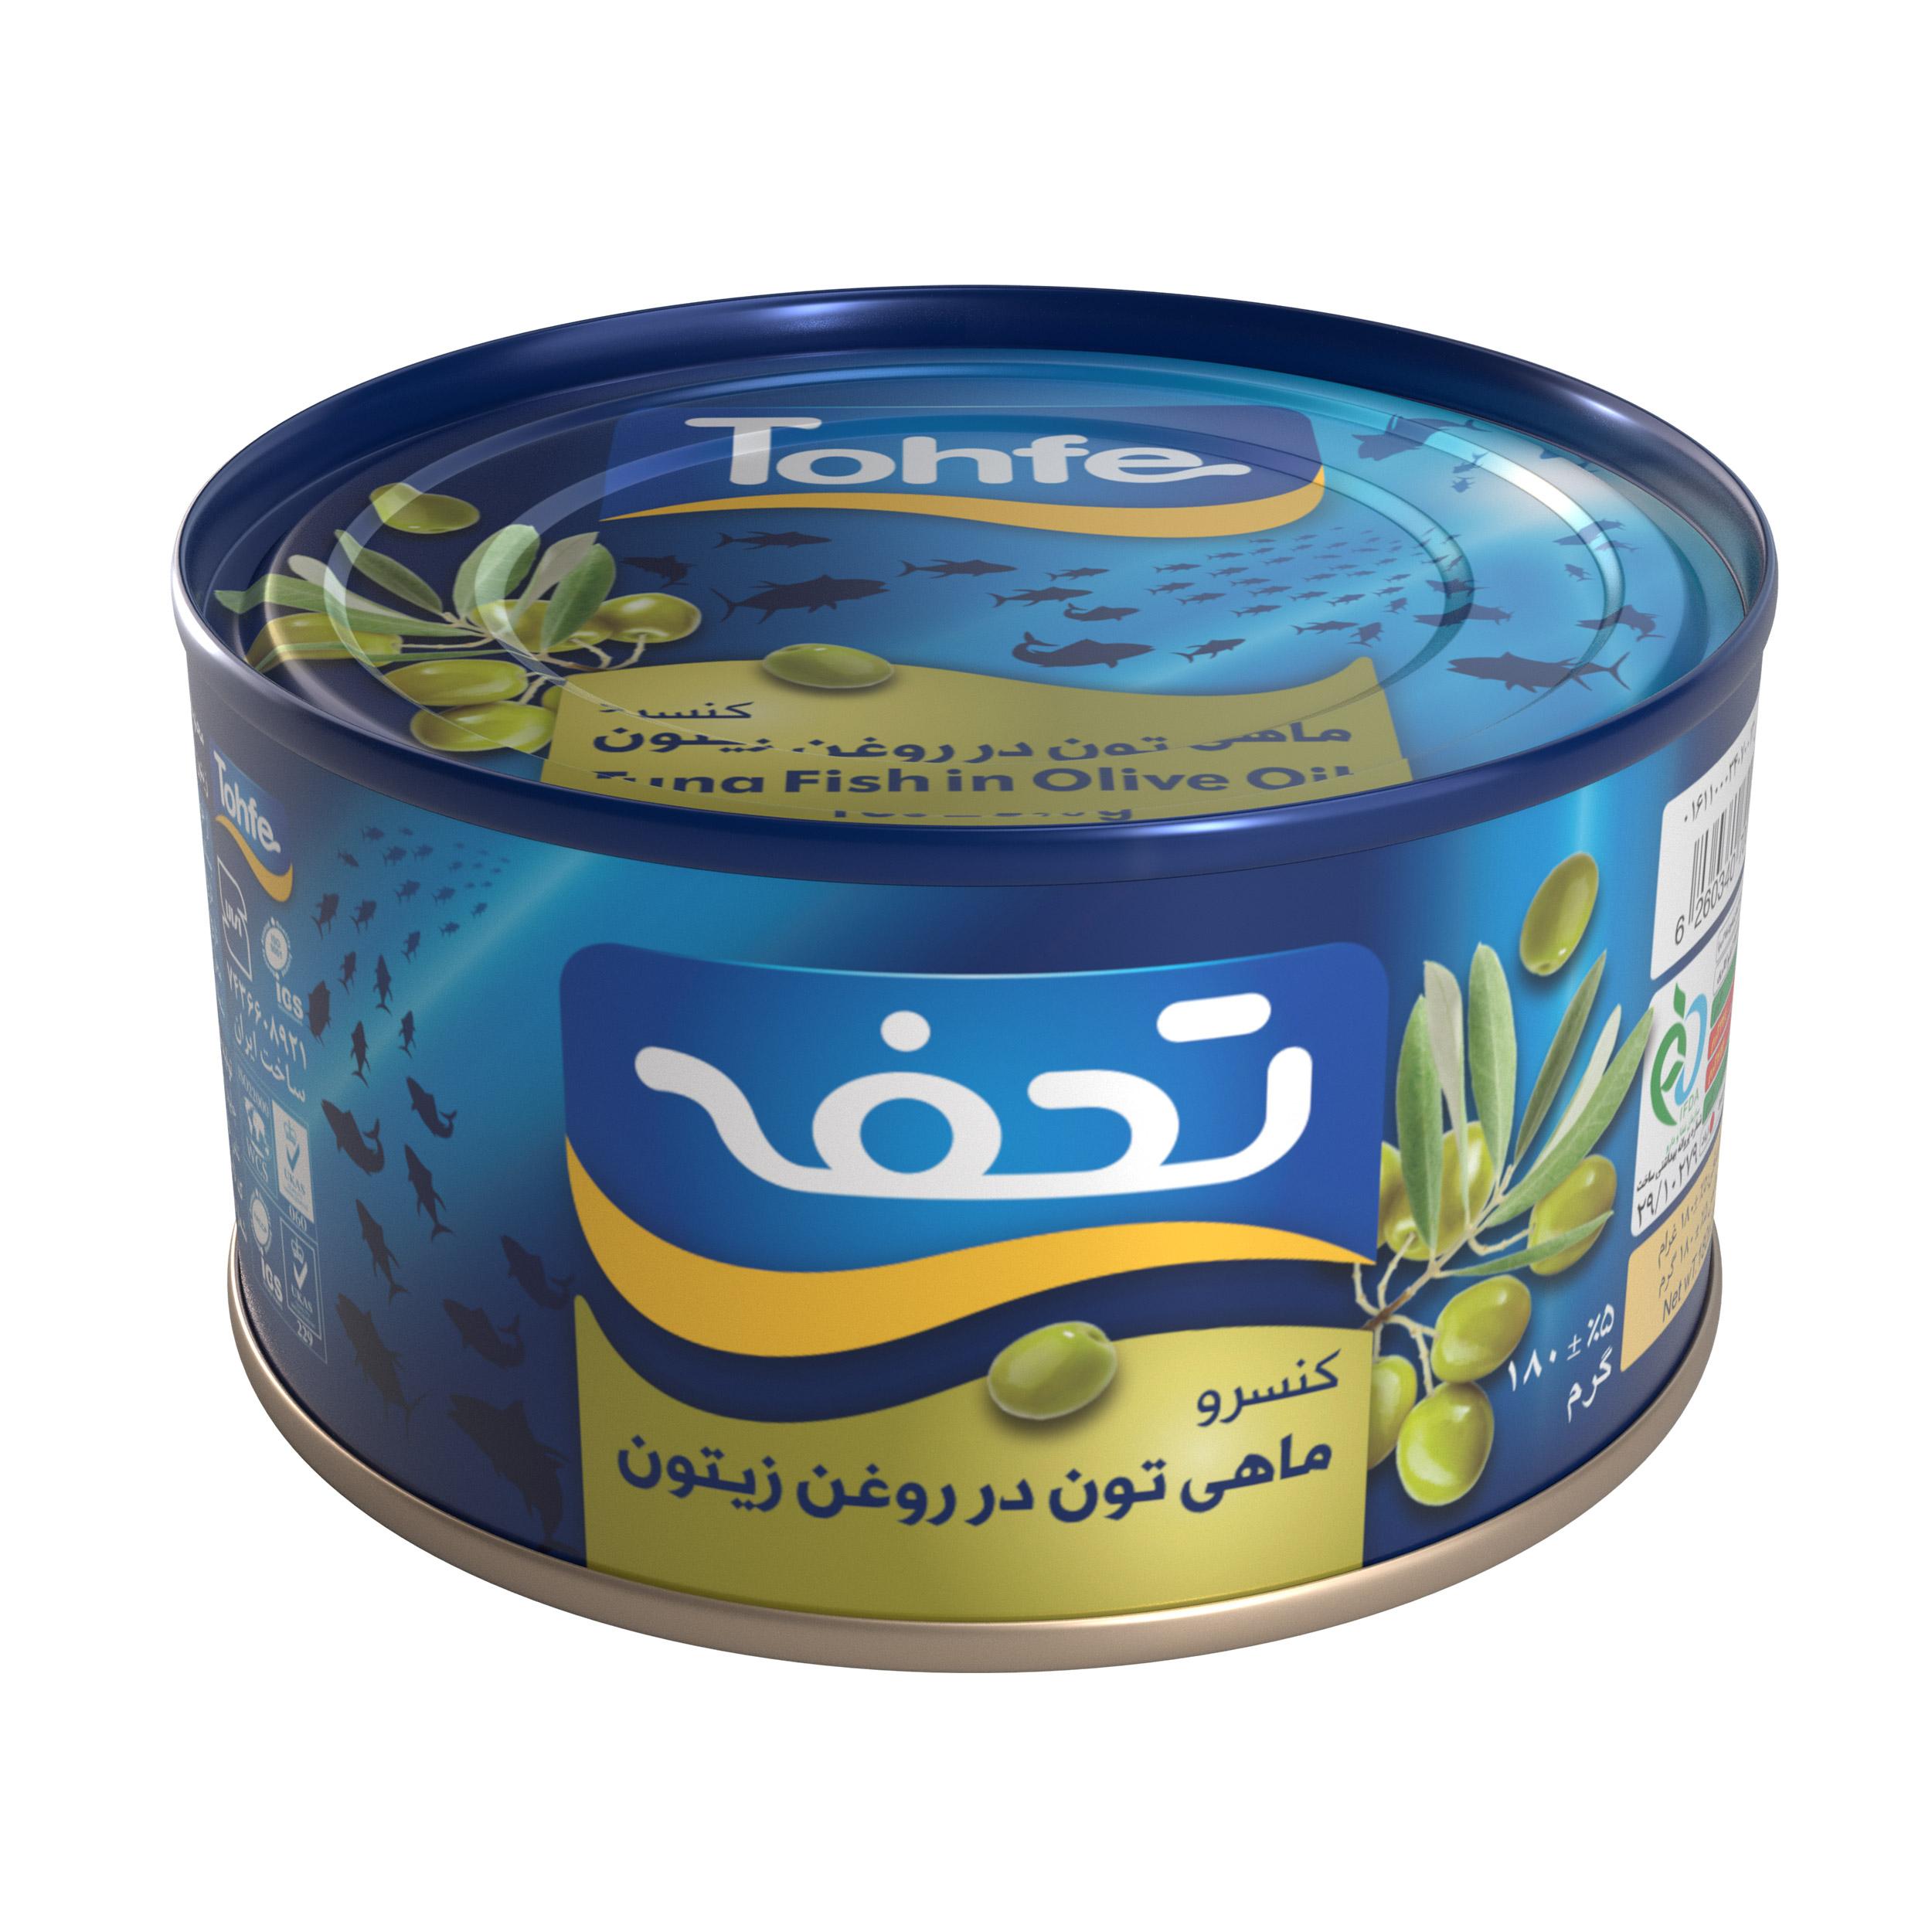 کنسرو ماهی تون در روغن زیتون تحفه - 180 گرم